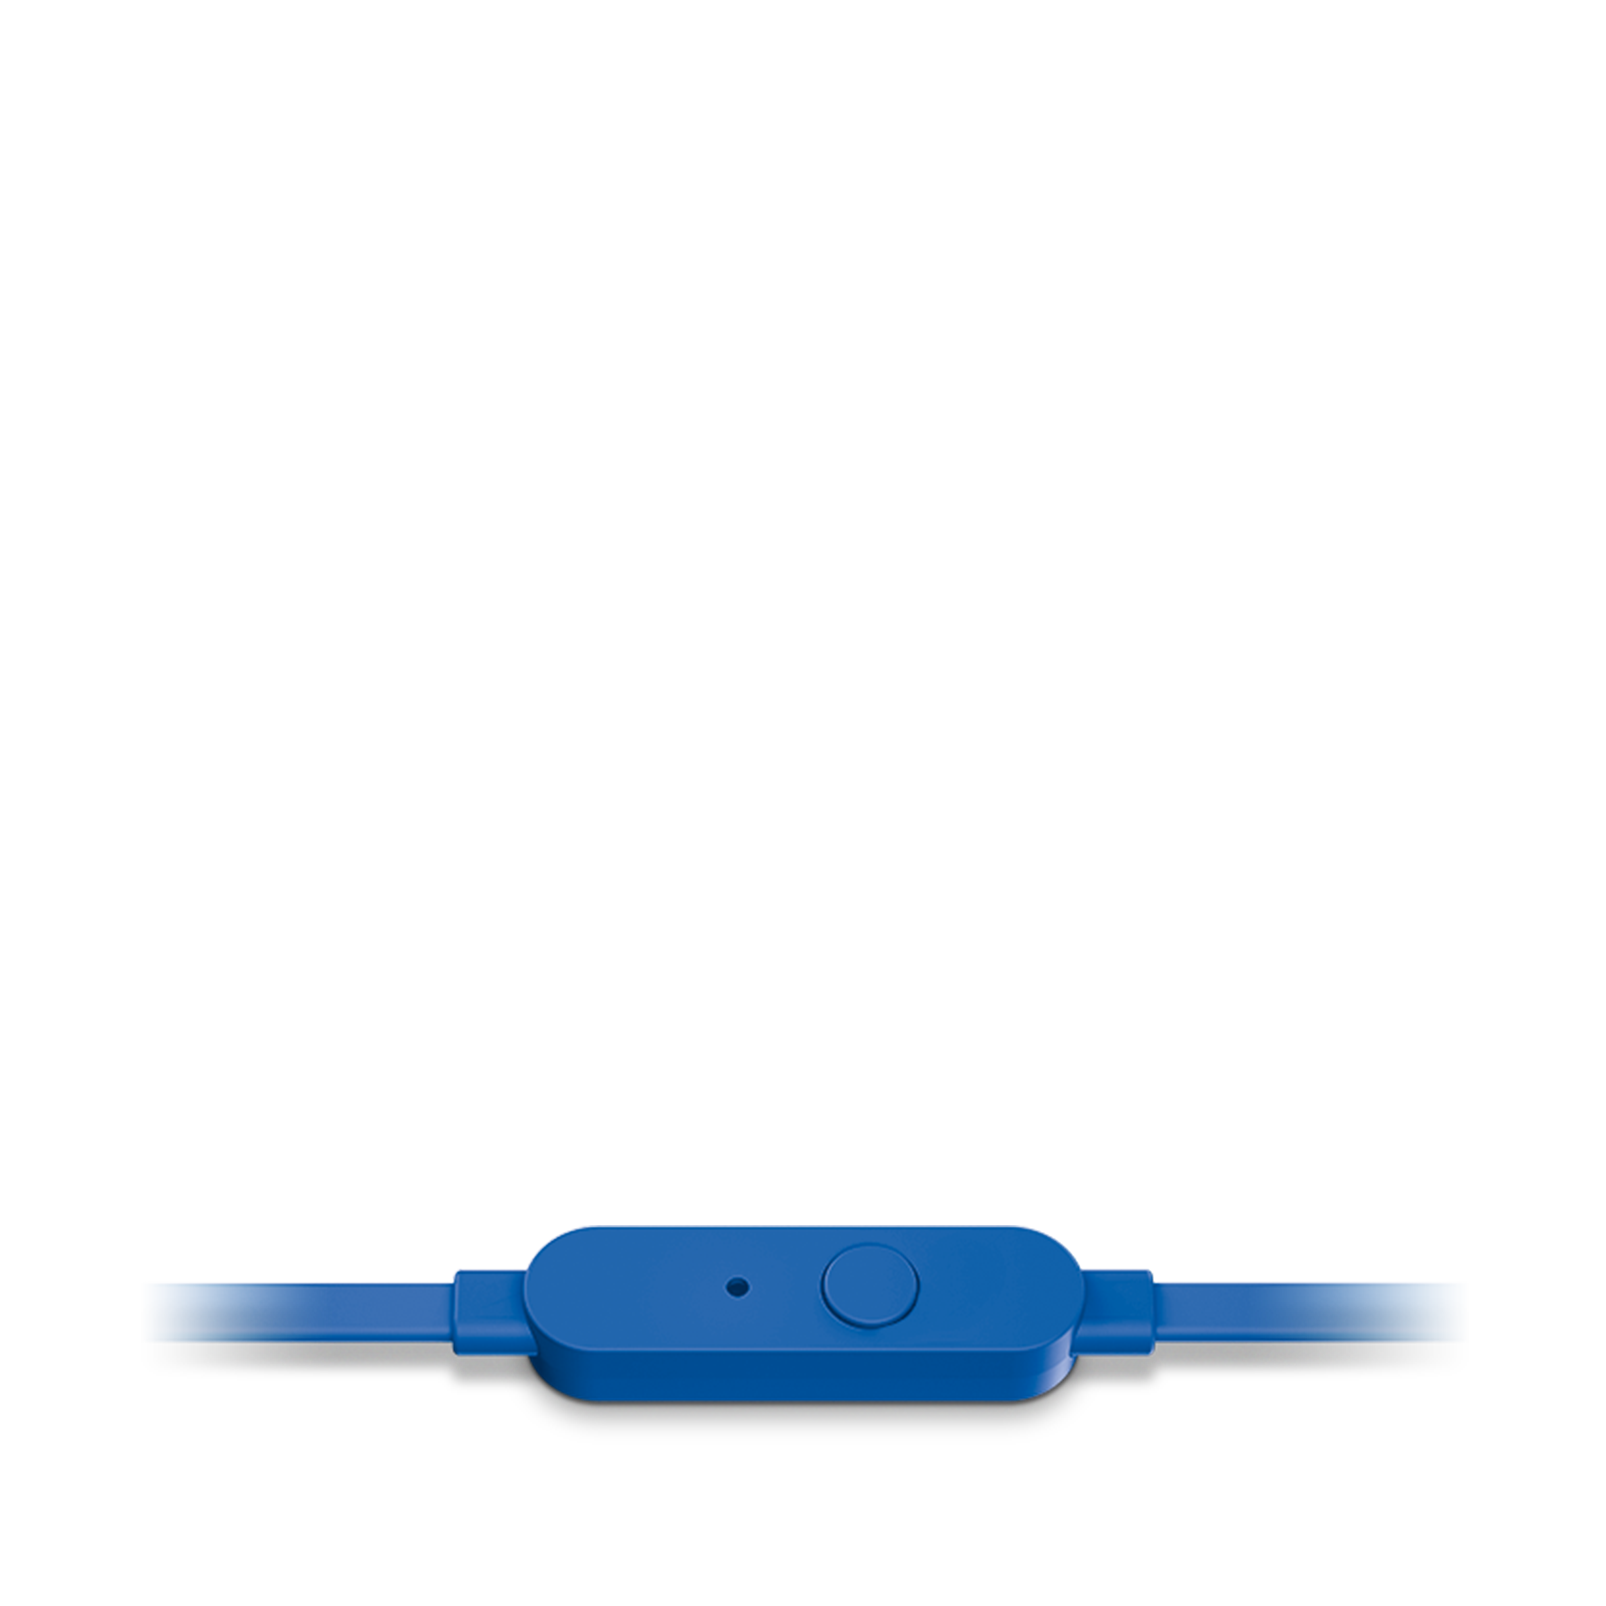 JBL TUNE 160 - Blue - In-ear headphones - Detailshot 2